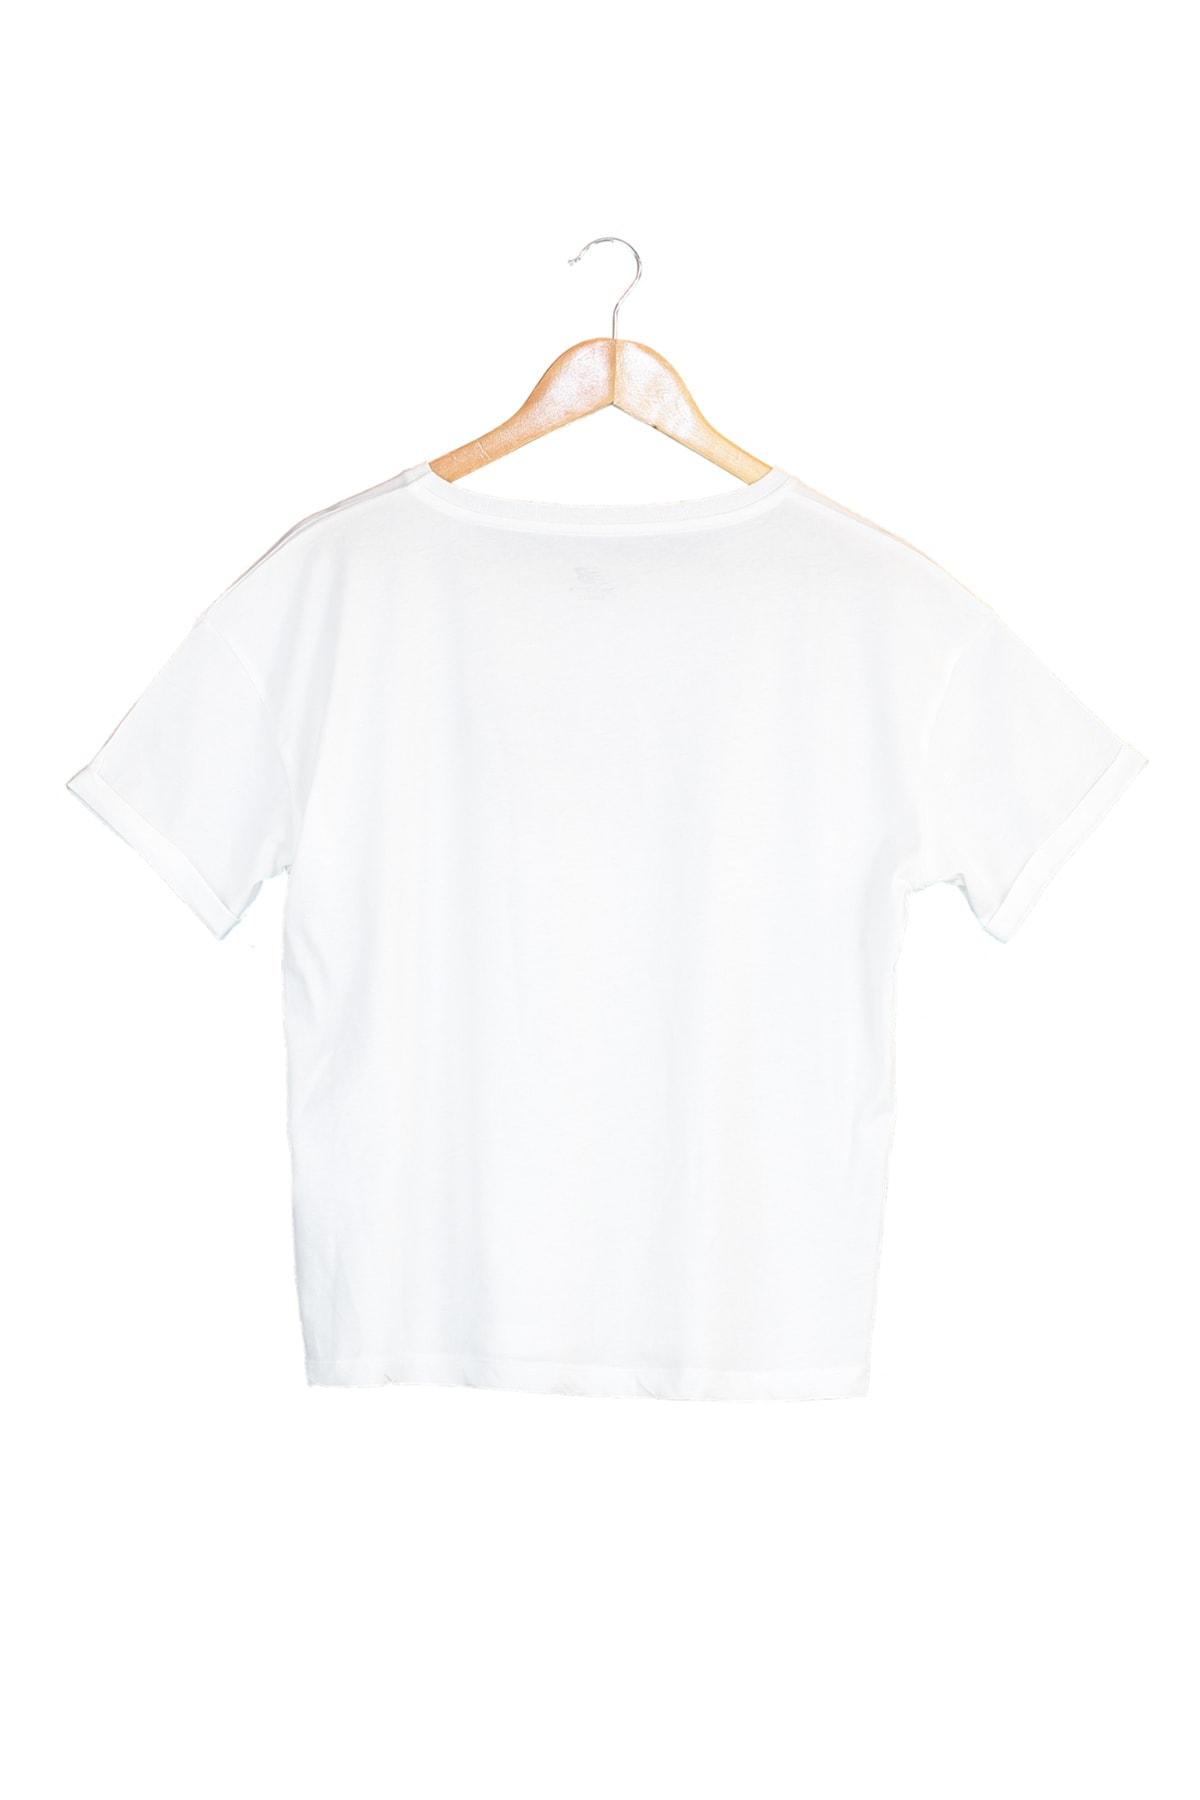 New Balance Spor T-Shirt - NB VOM TEE - V-WTT807-WT 2